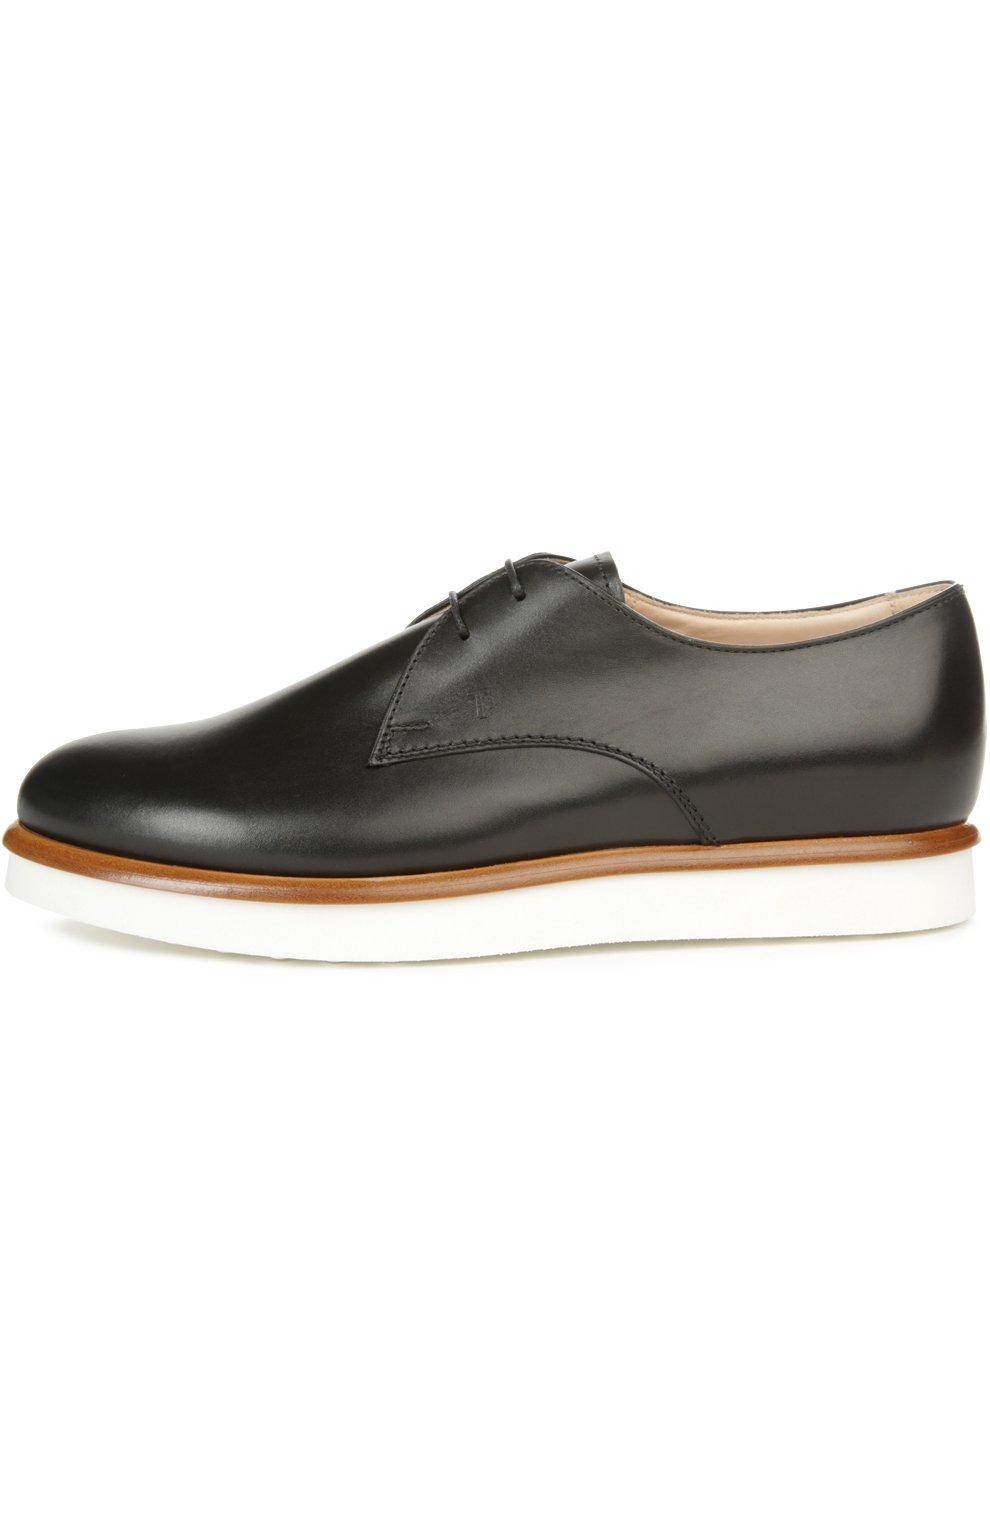 Кожаные ботинки Gomma на шнуровке | Фото №1